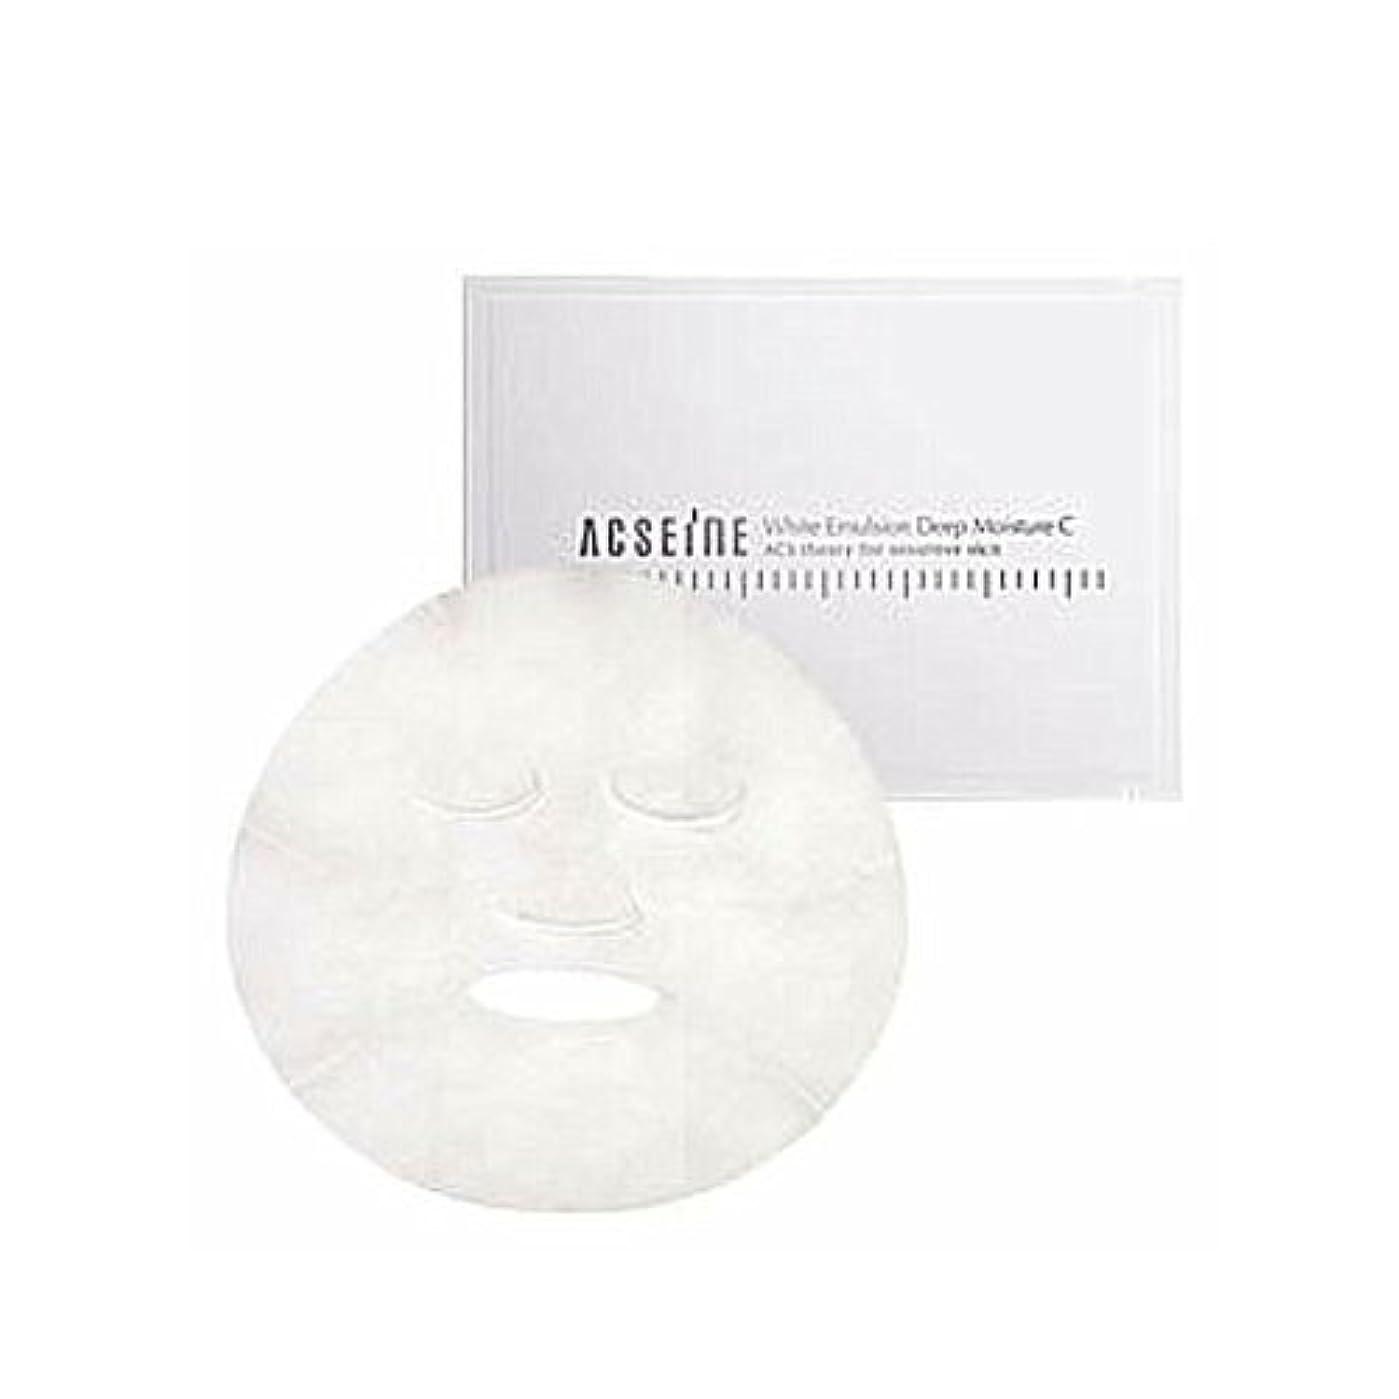 逃れるアブストラクト才能アクセーヌ ホワイト エマルジョン ディープモイスチュア Cマスク 22mL×8枚入